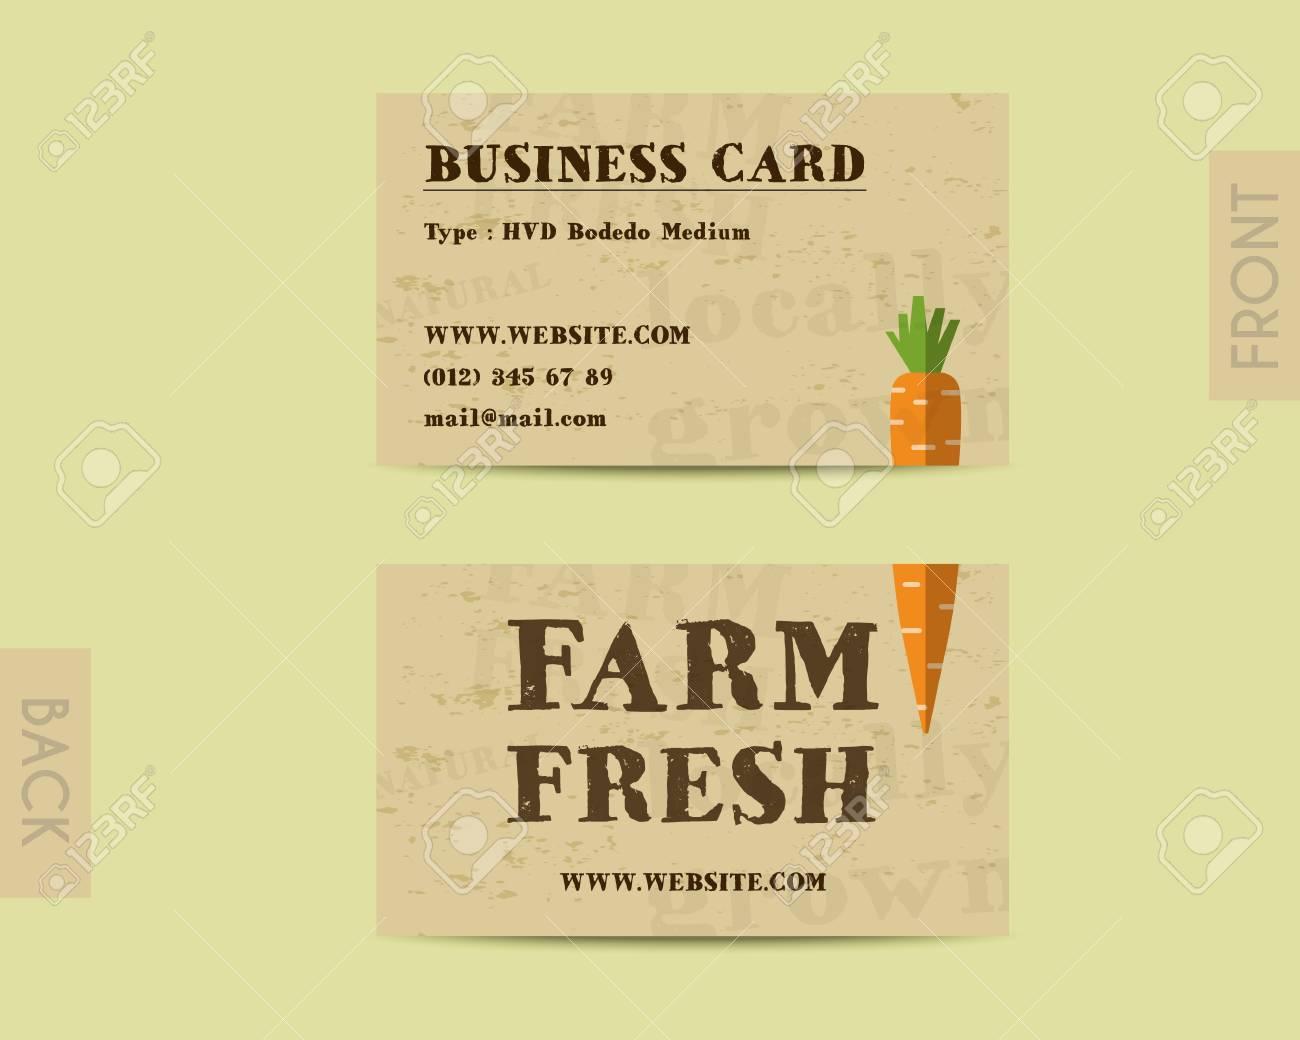 Legant Carte De Visite Farm Fresh Modele Avec La Carotte Clip Art